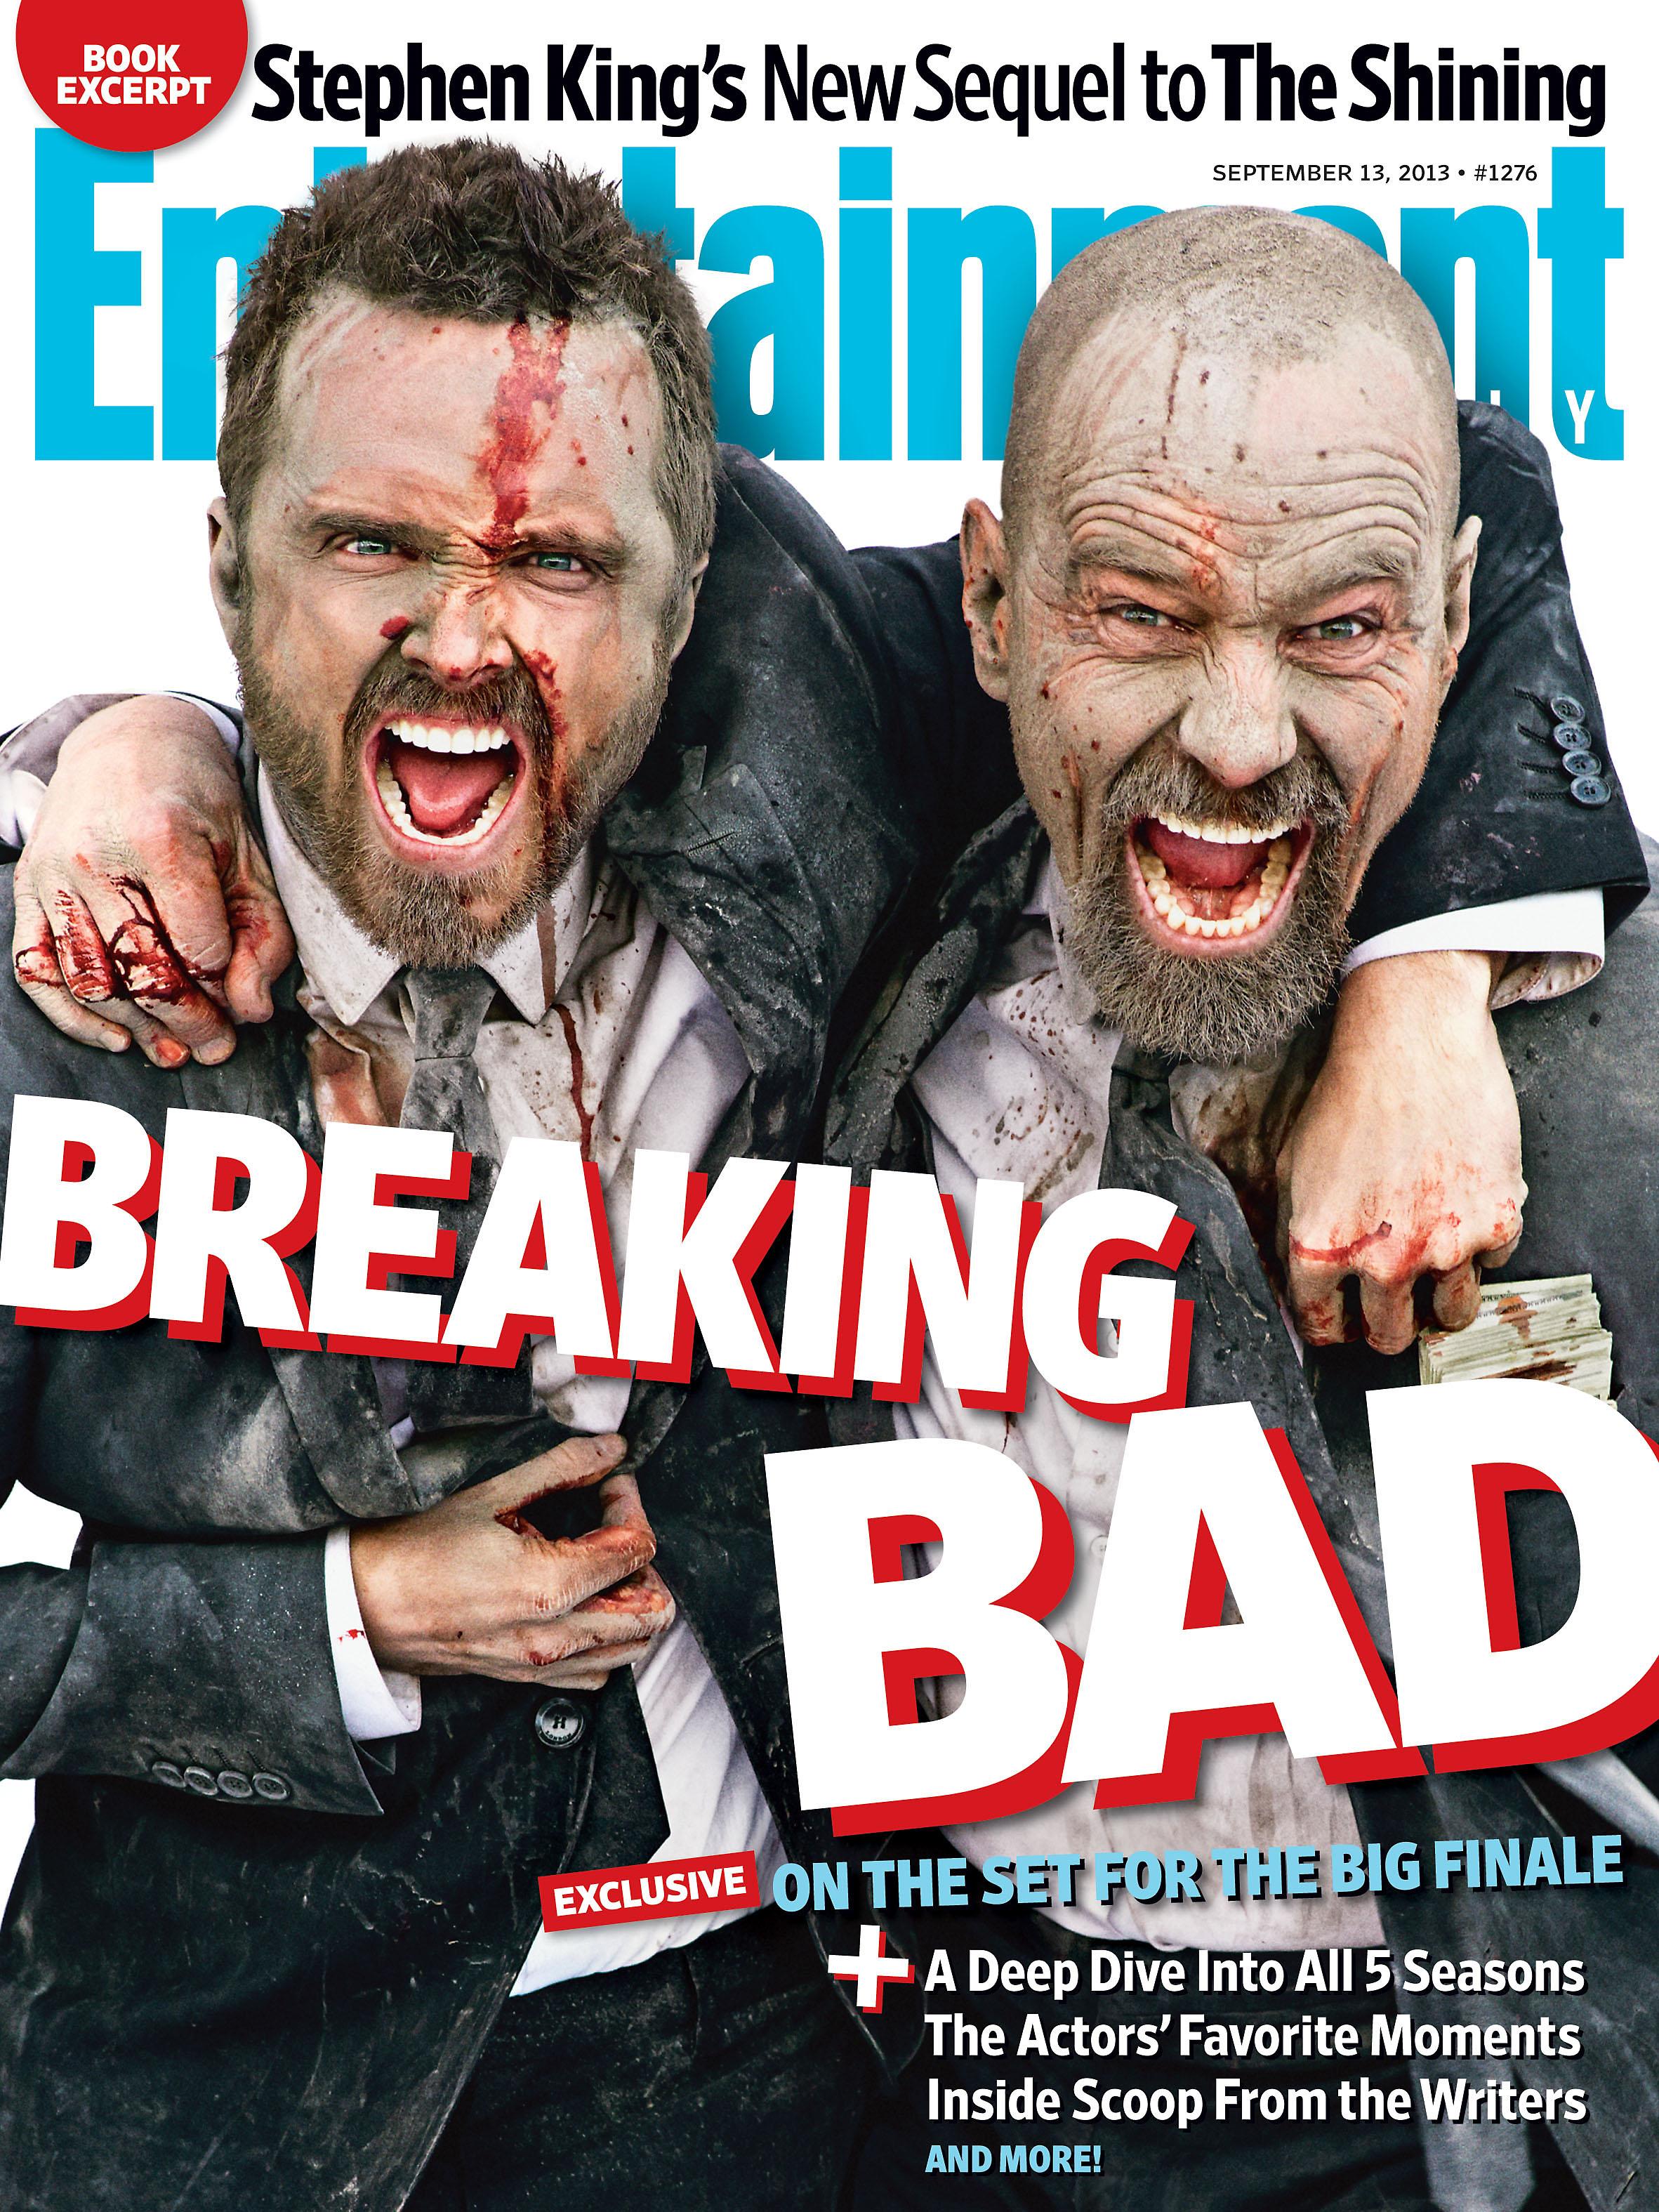 Aaron Paul & Bryan Cranston for Breaking Bad